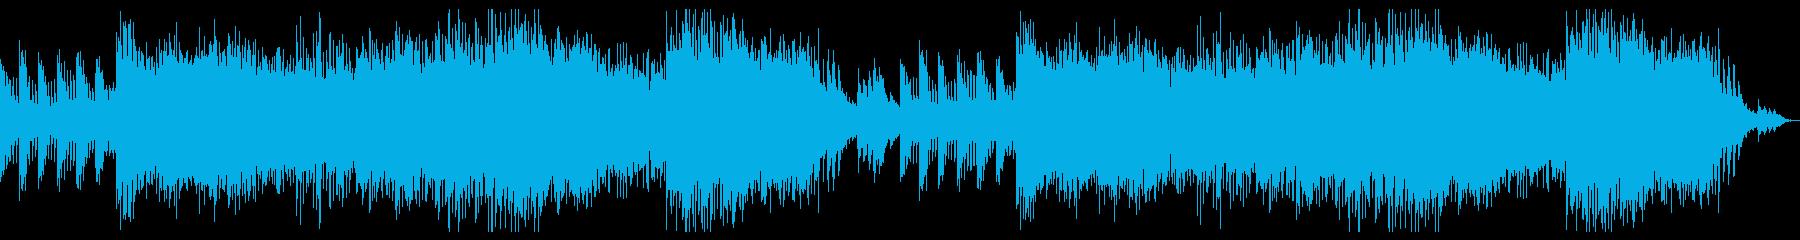 神秘的なダンジョン・クリスタル・洞窟の曲の再生済みの波形